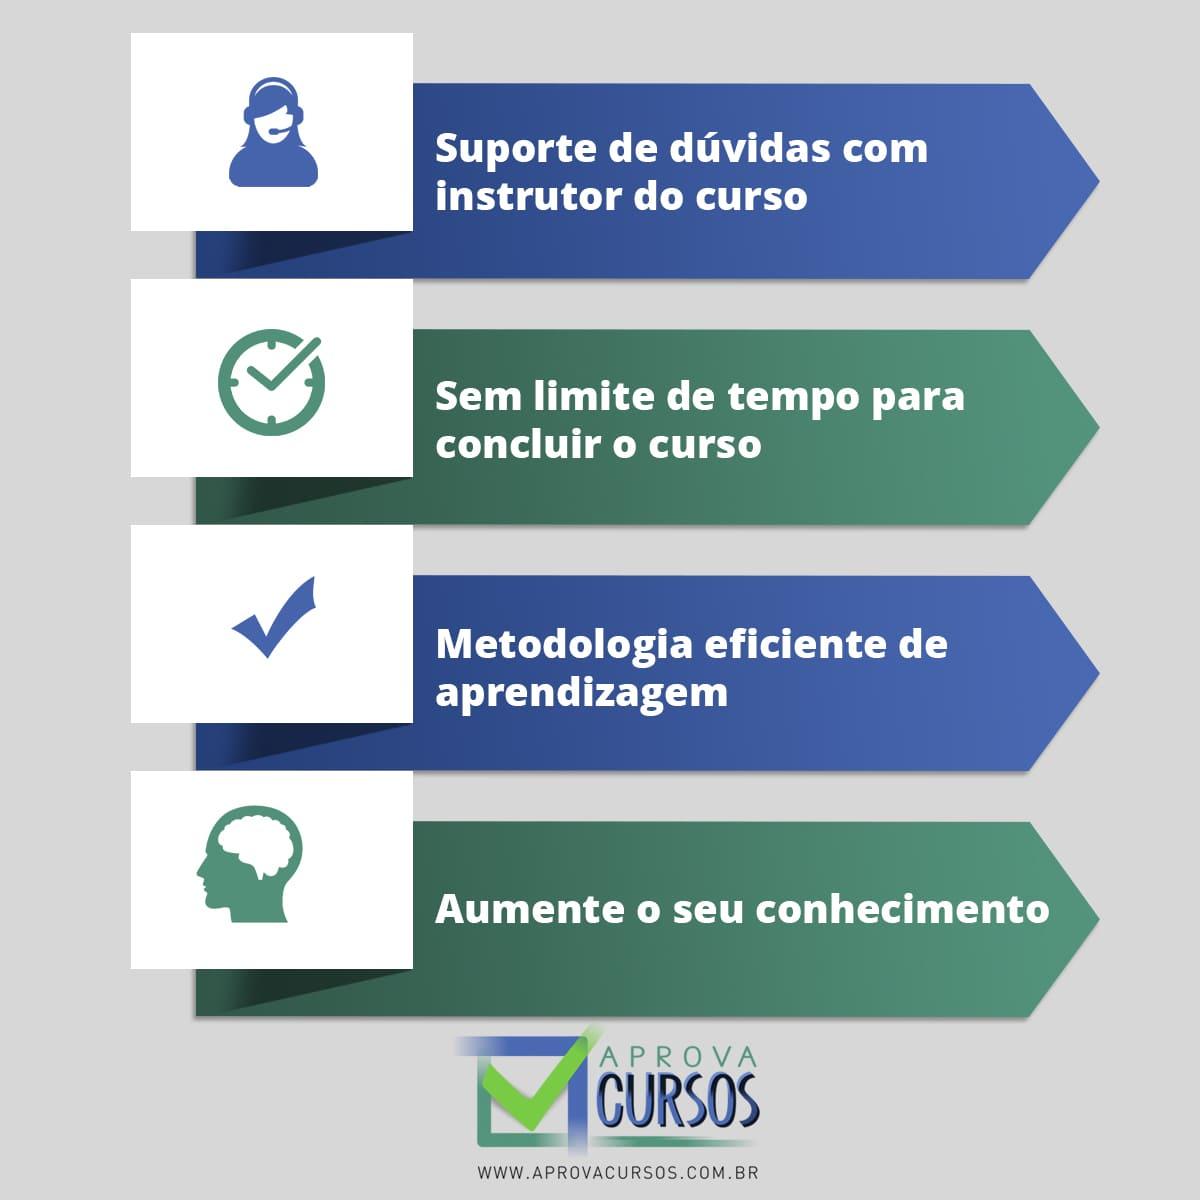 Curso Online de Memorização com Certificado  - Aprova Cursos